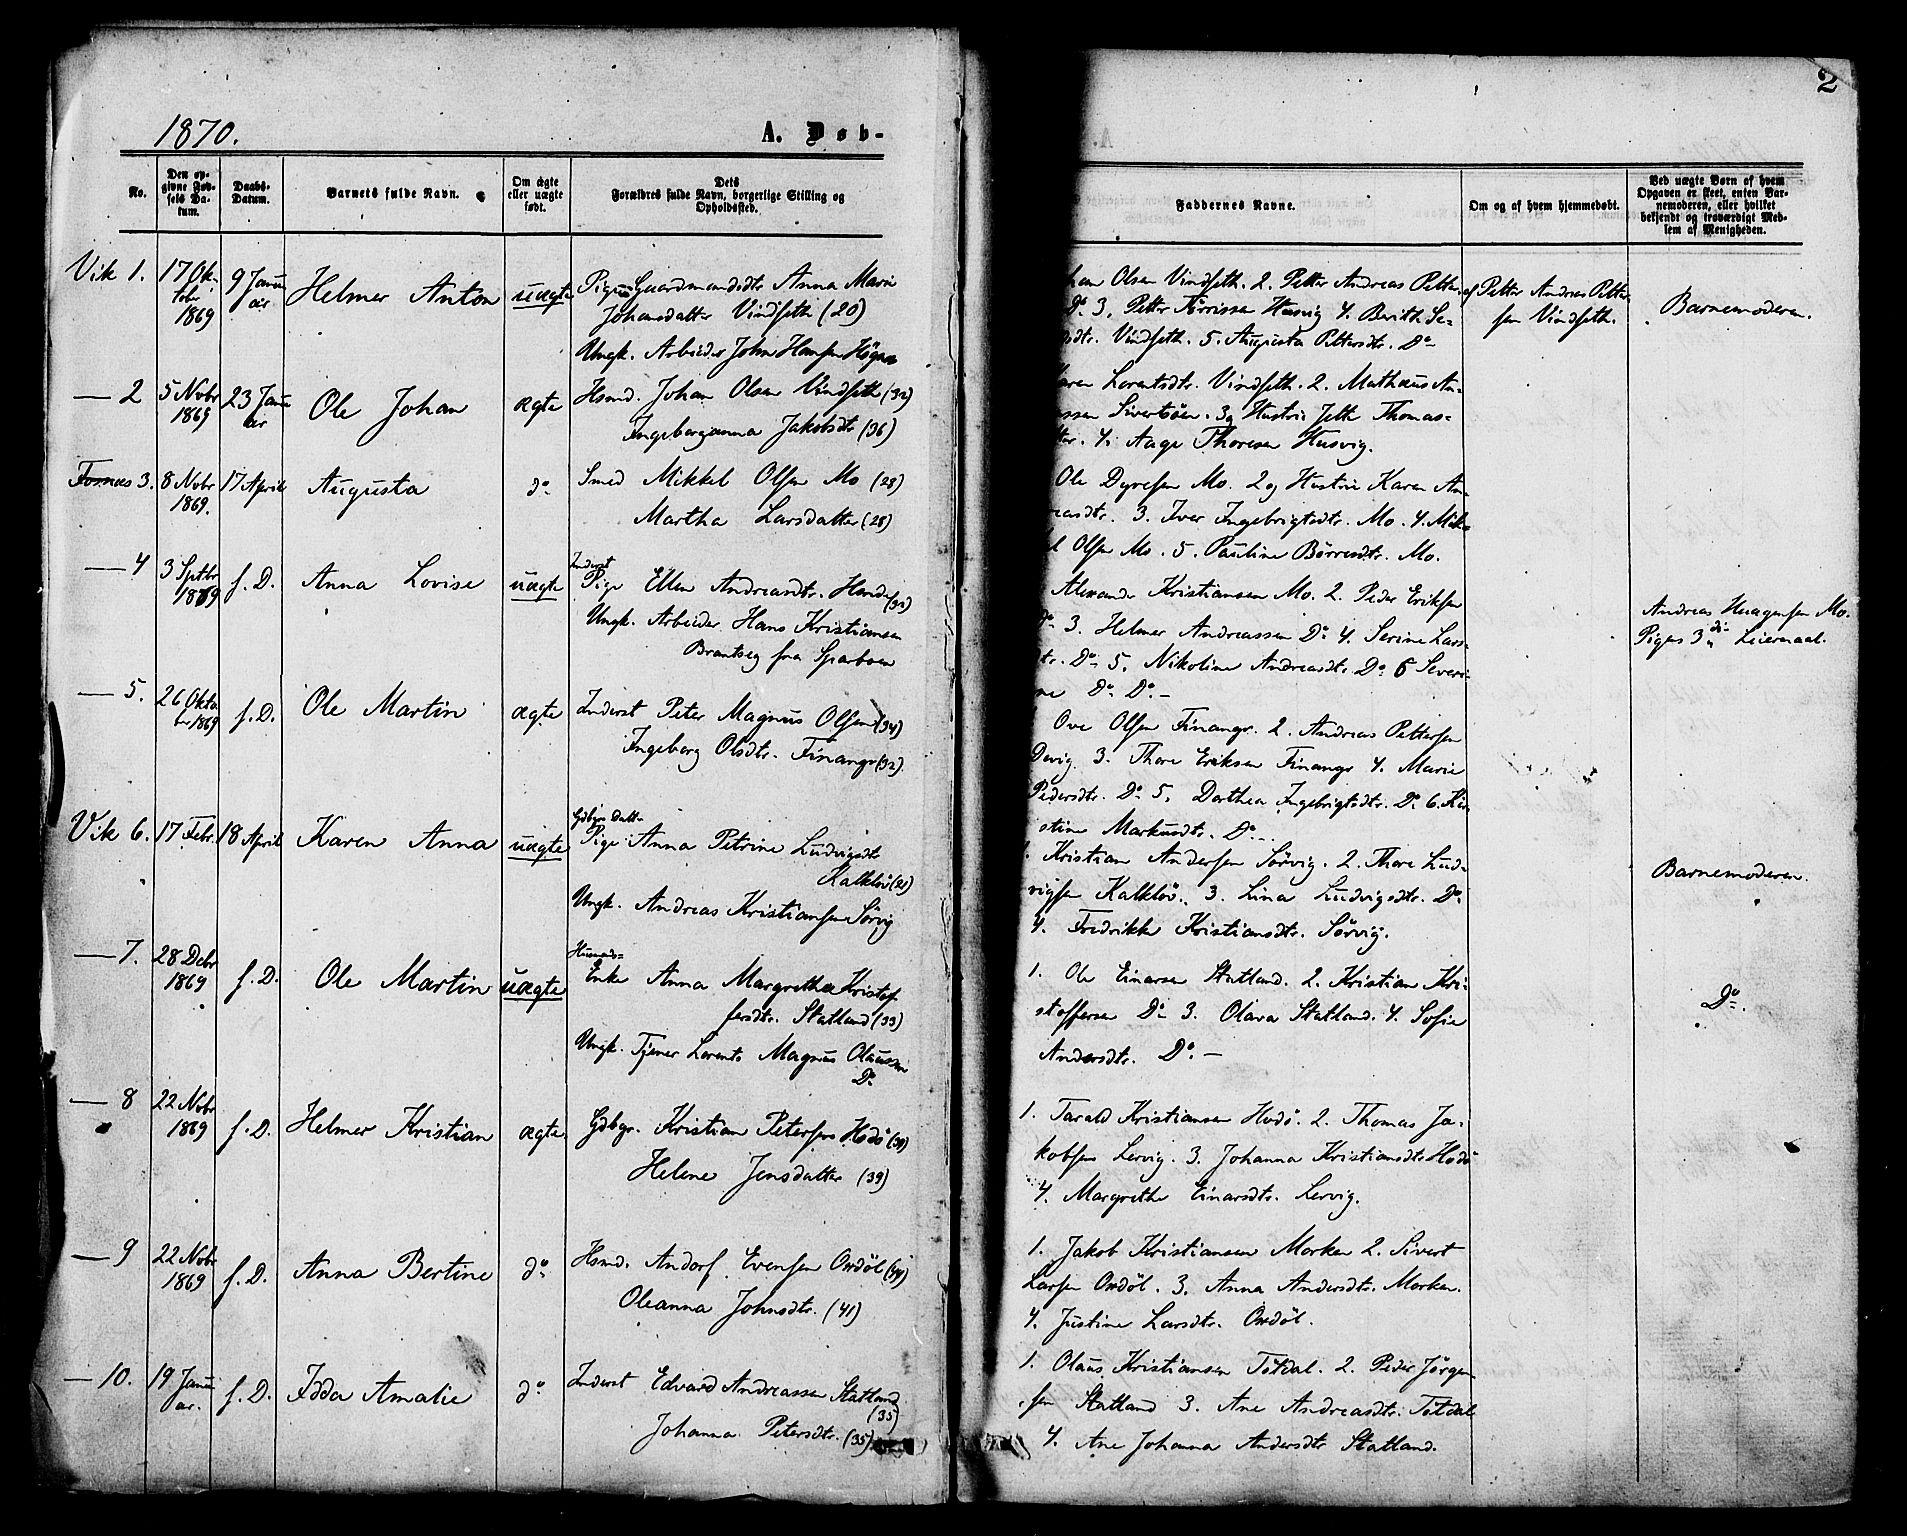 SAT, Ministerialprotokoller, klokkerbøker og fødselsregistre - Nord-Trøndelag, 773/L0616: Ministerialbok nr. 773A07, 1870-1887, s. 2